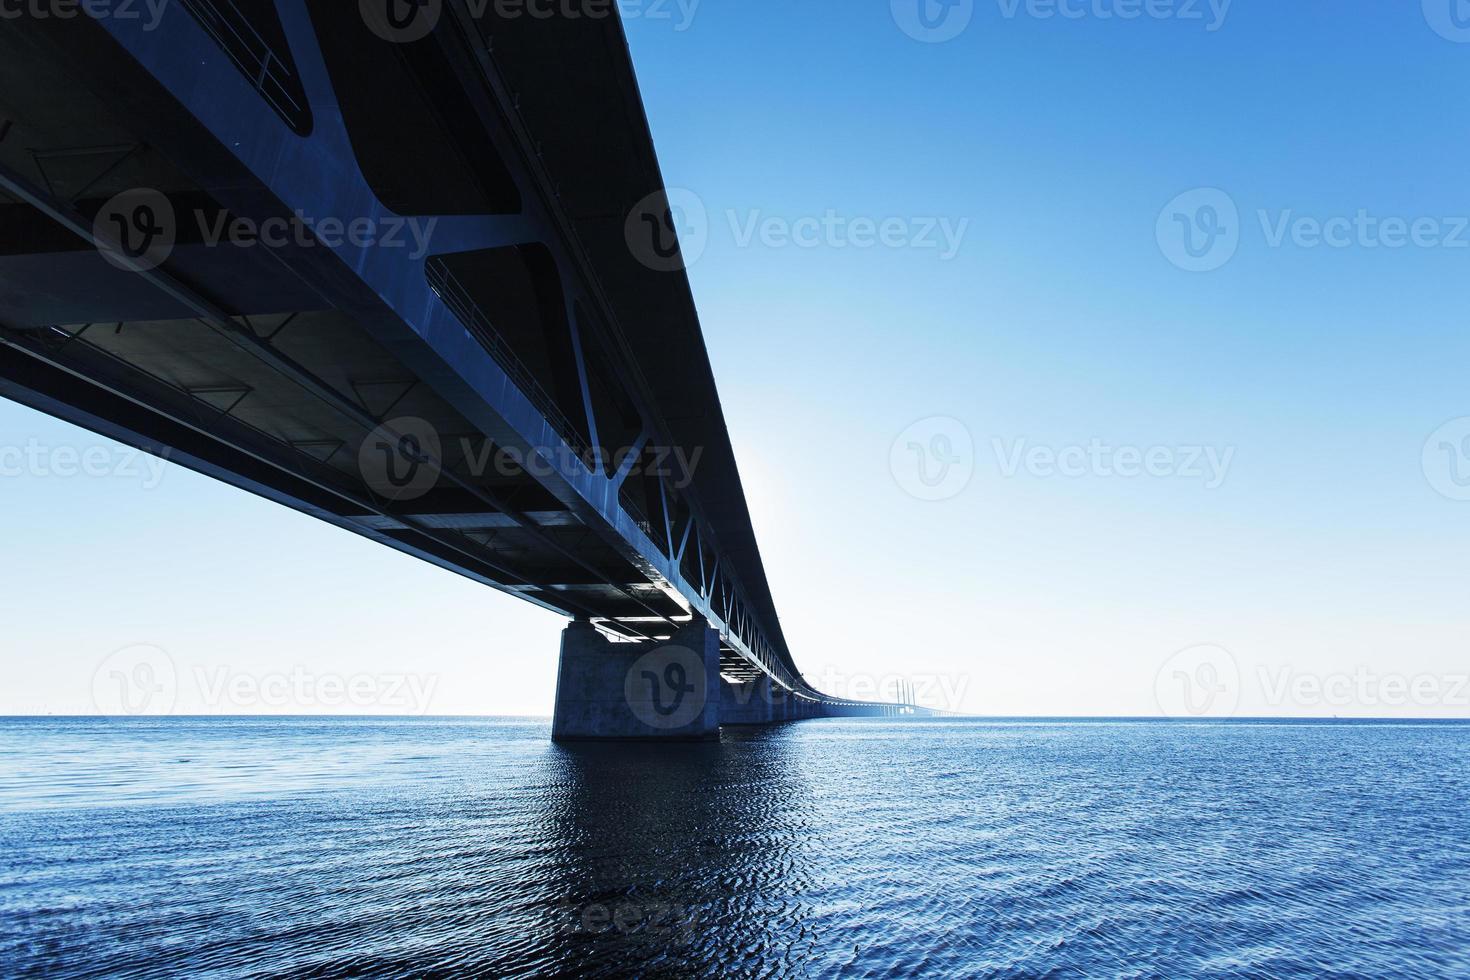 ponte oresund, oresunds bron, ponte sobre o mar, foto